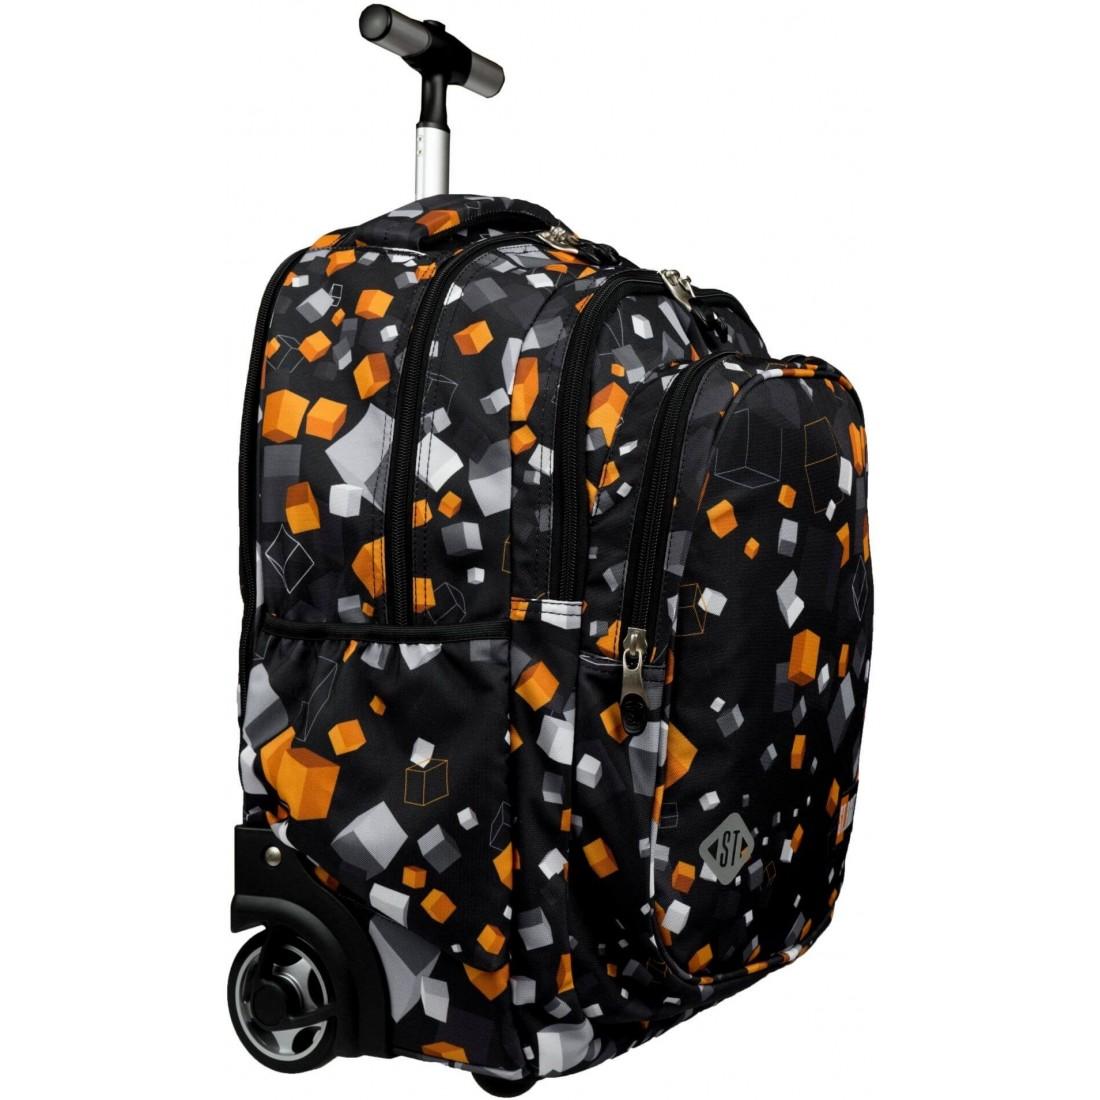 Plecak na kółkach do podstawówki ST.RIGHT CUBES TB01 czarny w kwadraty pixele B2S St.Majewski - plecak-tornister.pl